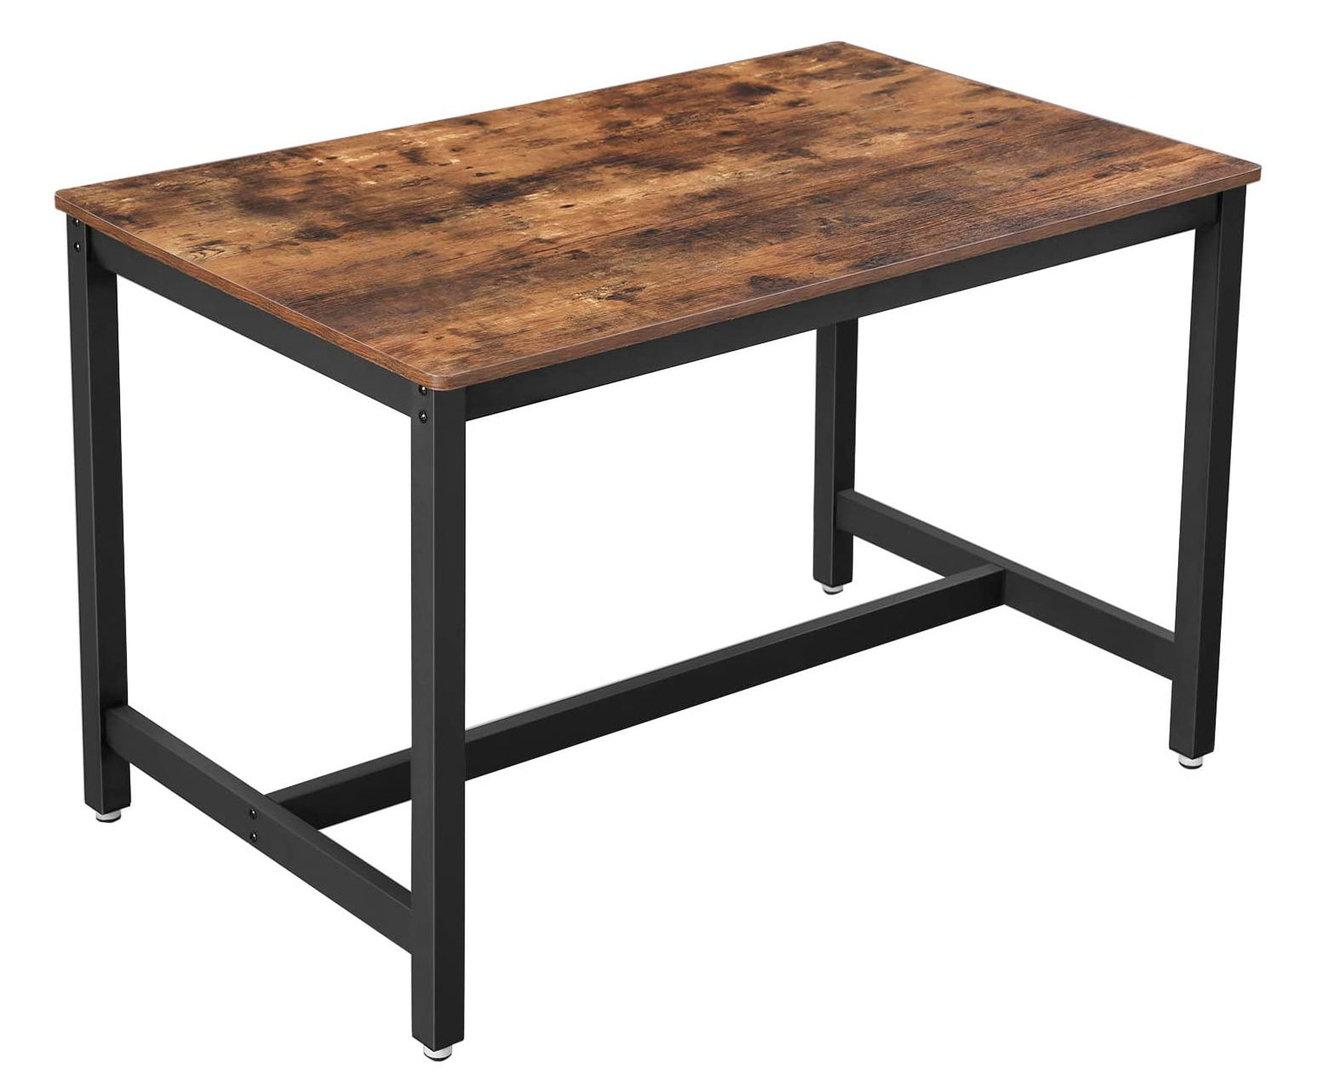 Jídelní stoly - jídelní stůl Vasagle 120x75 cm